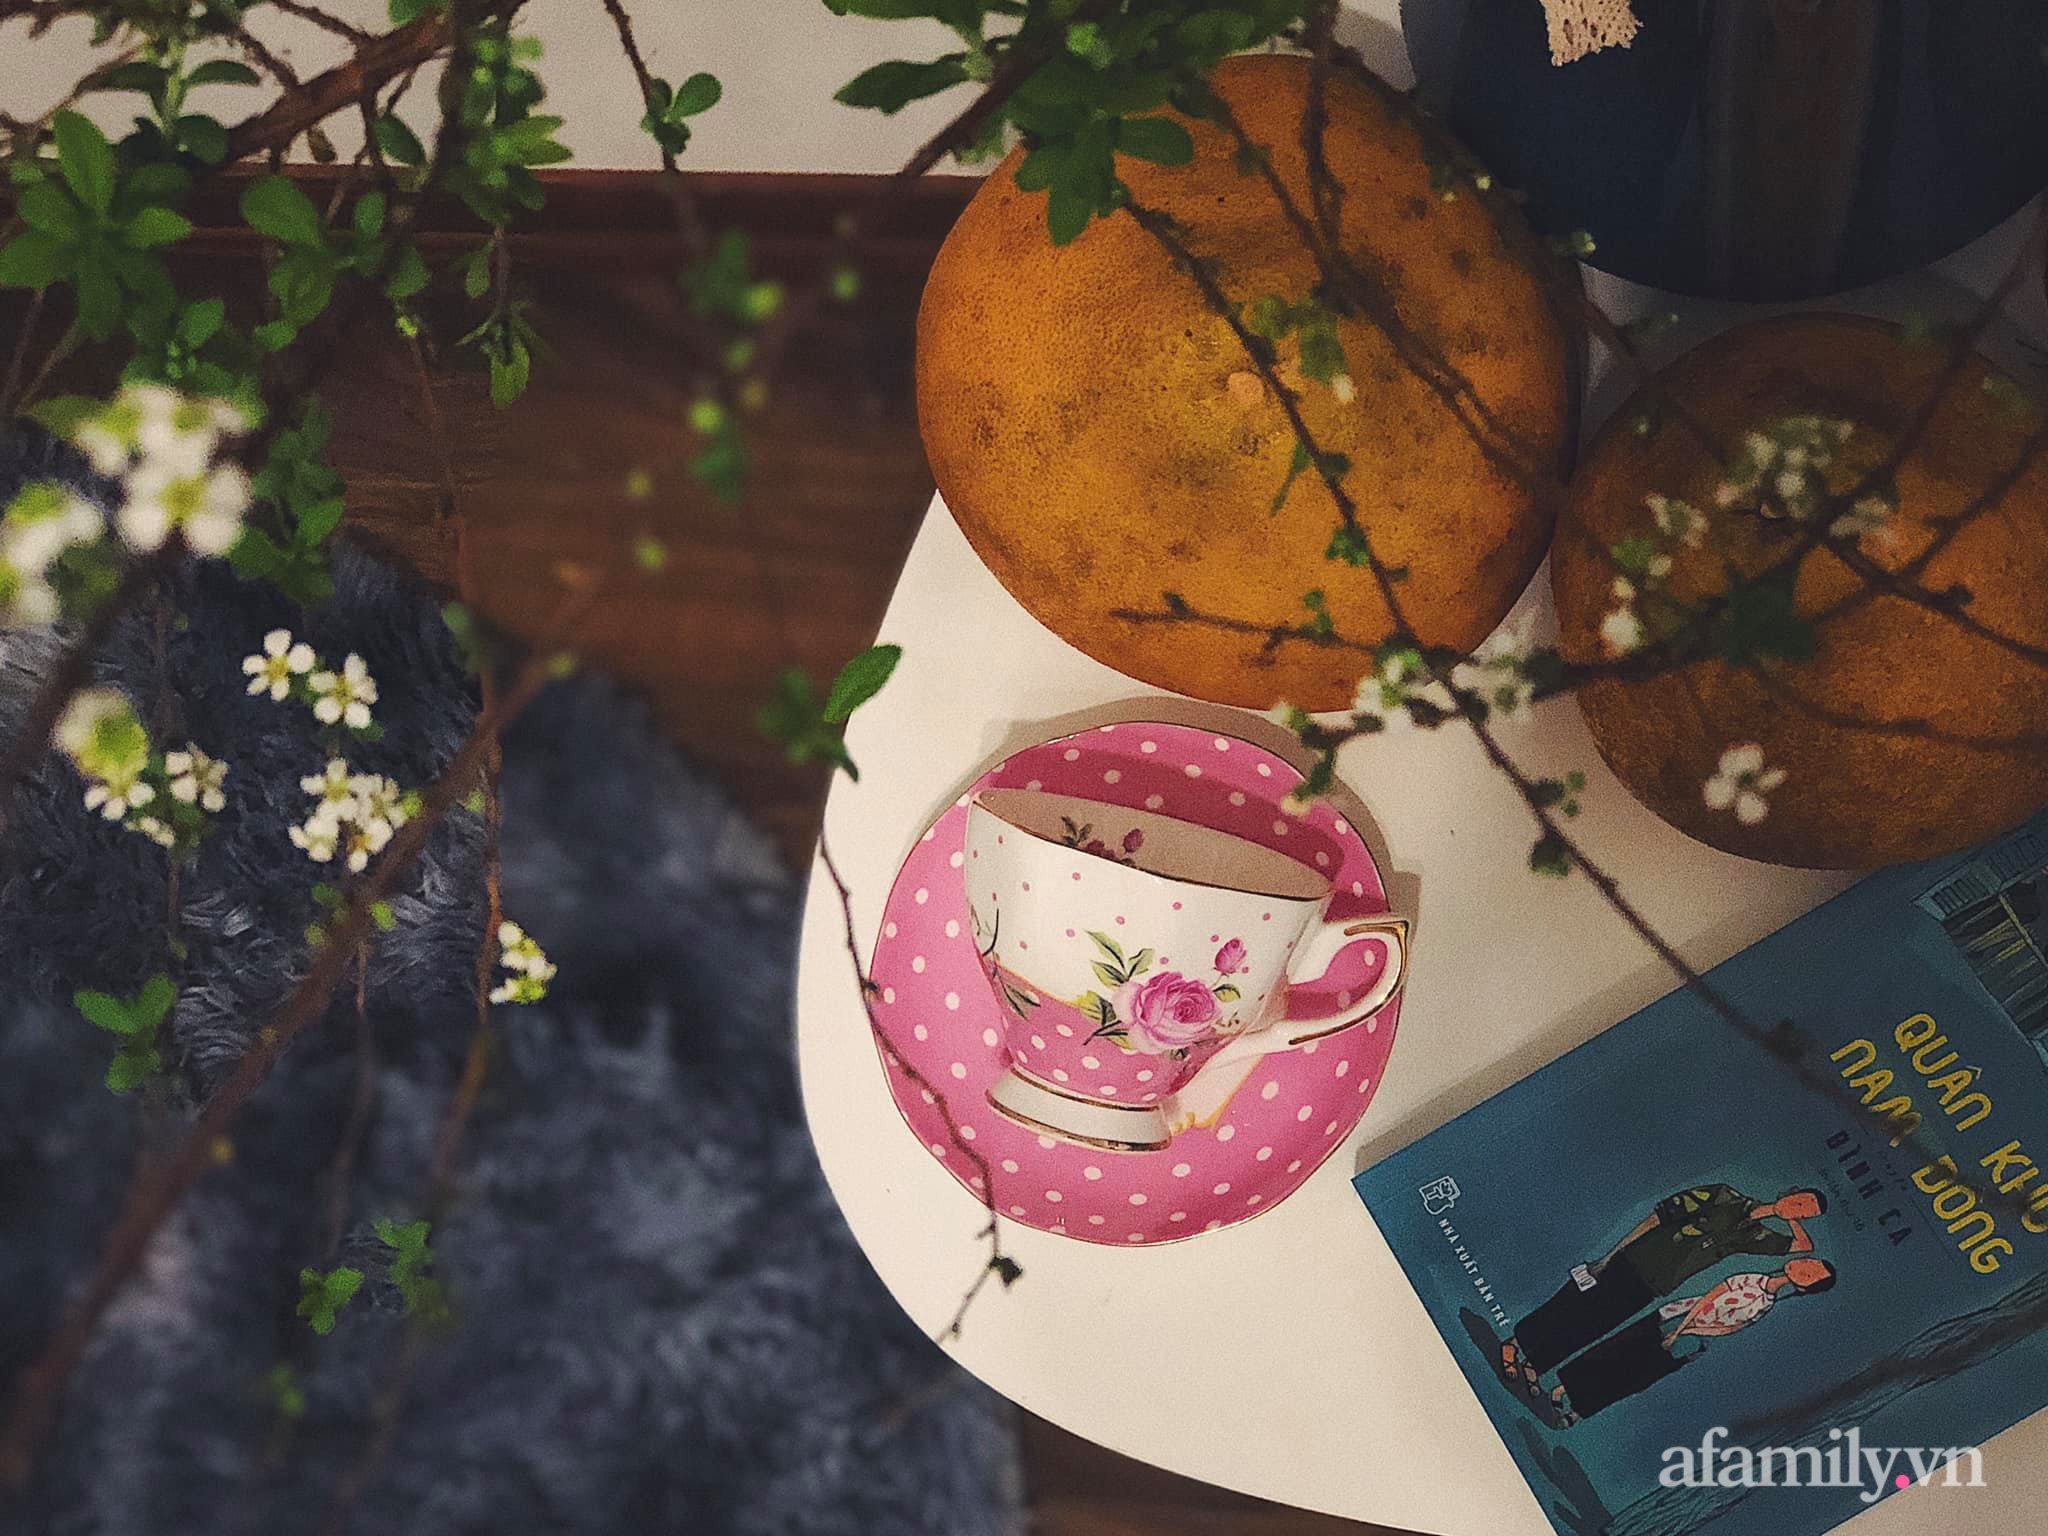 Mẻ đảm Hà Nội khéo mang Tết vào tổ ấm đẹp duyên dáng với gốm và hoa - Ảnh 11.